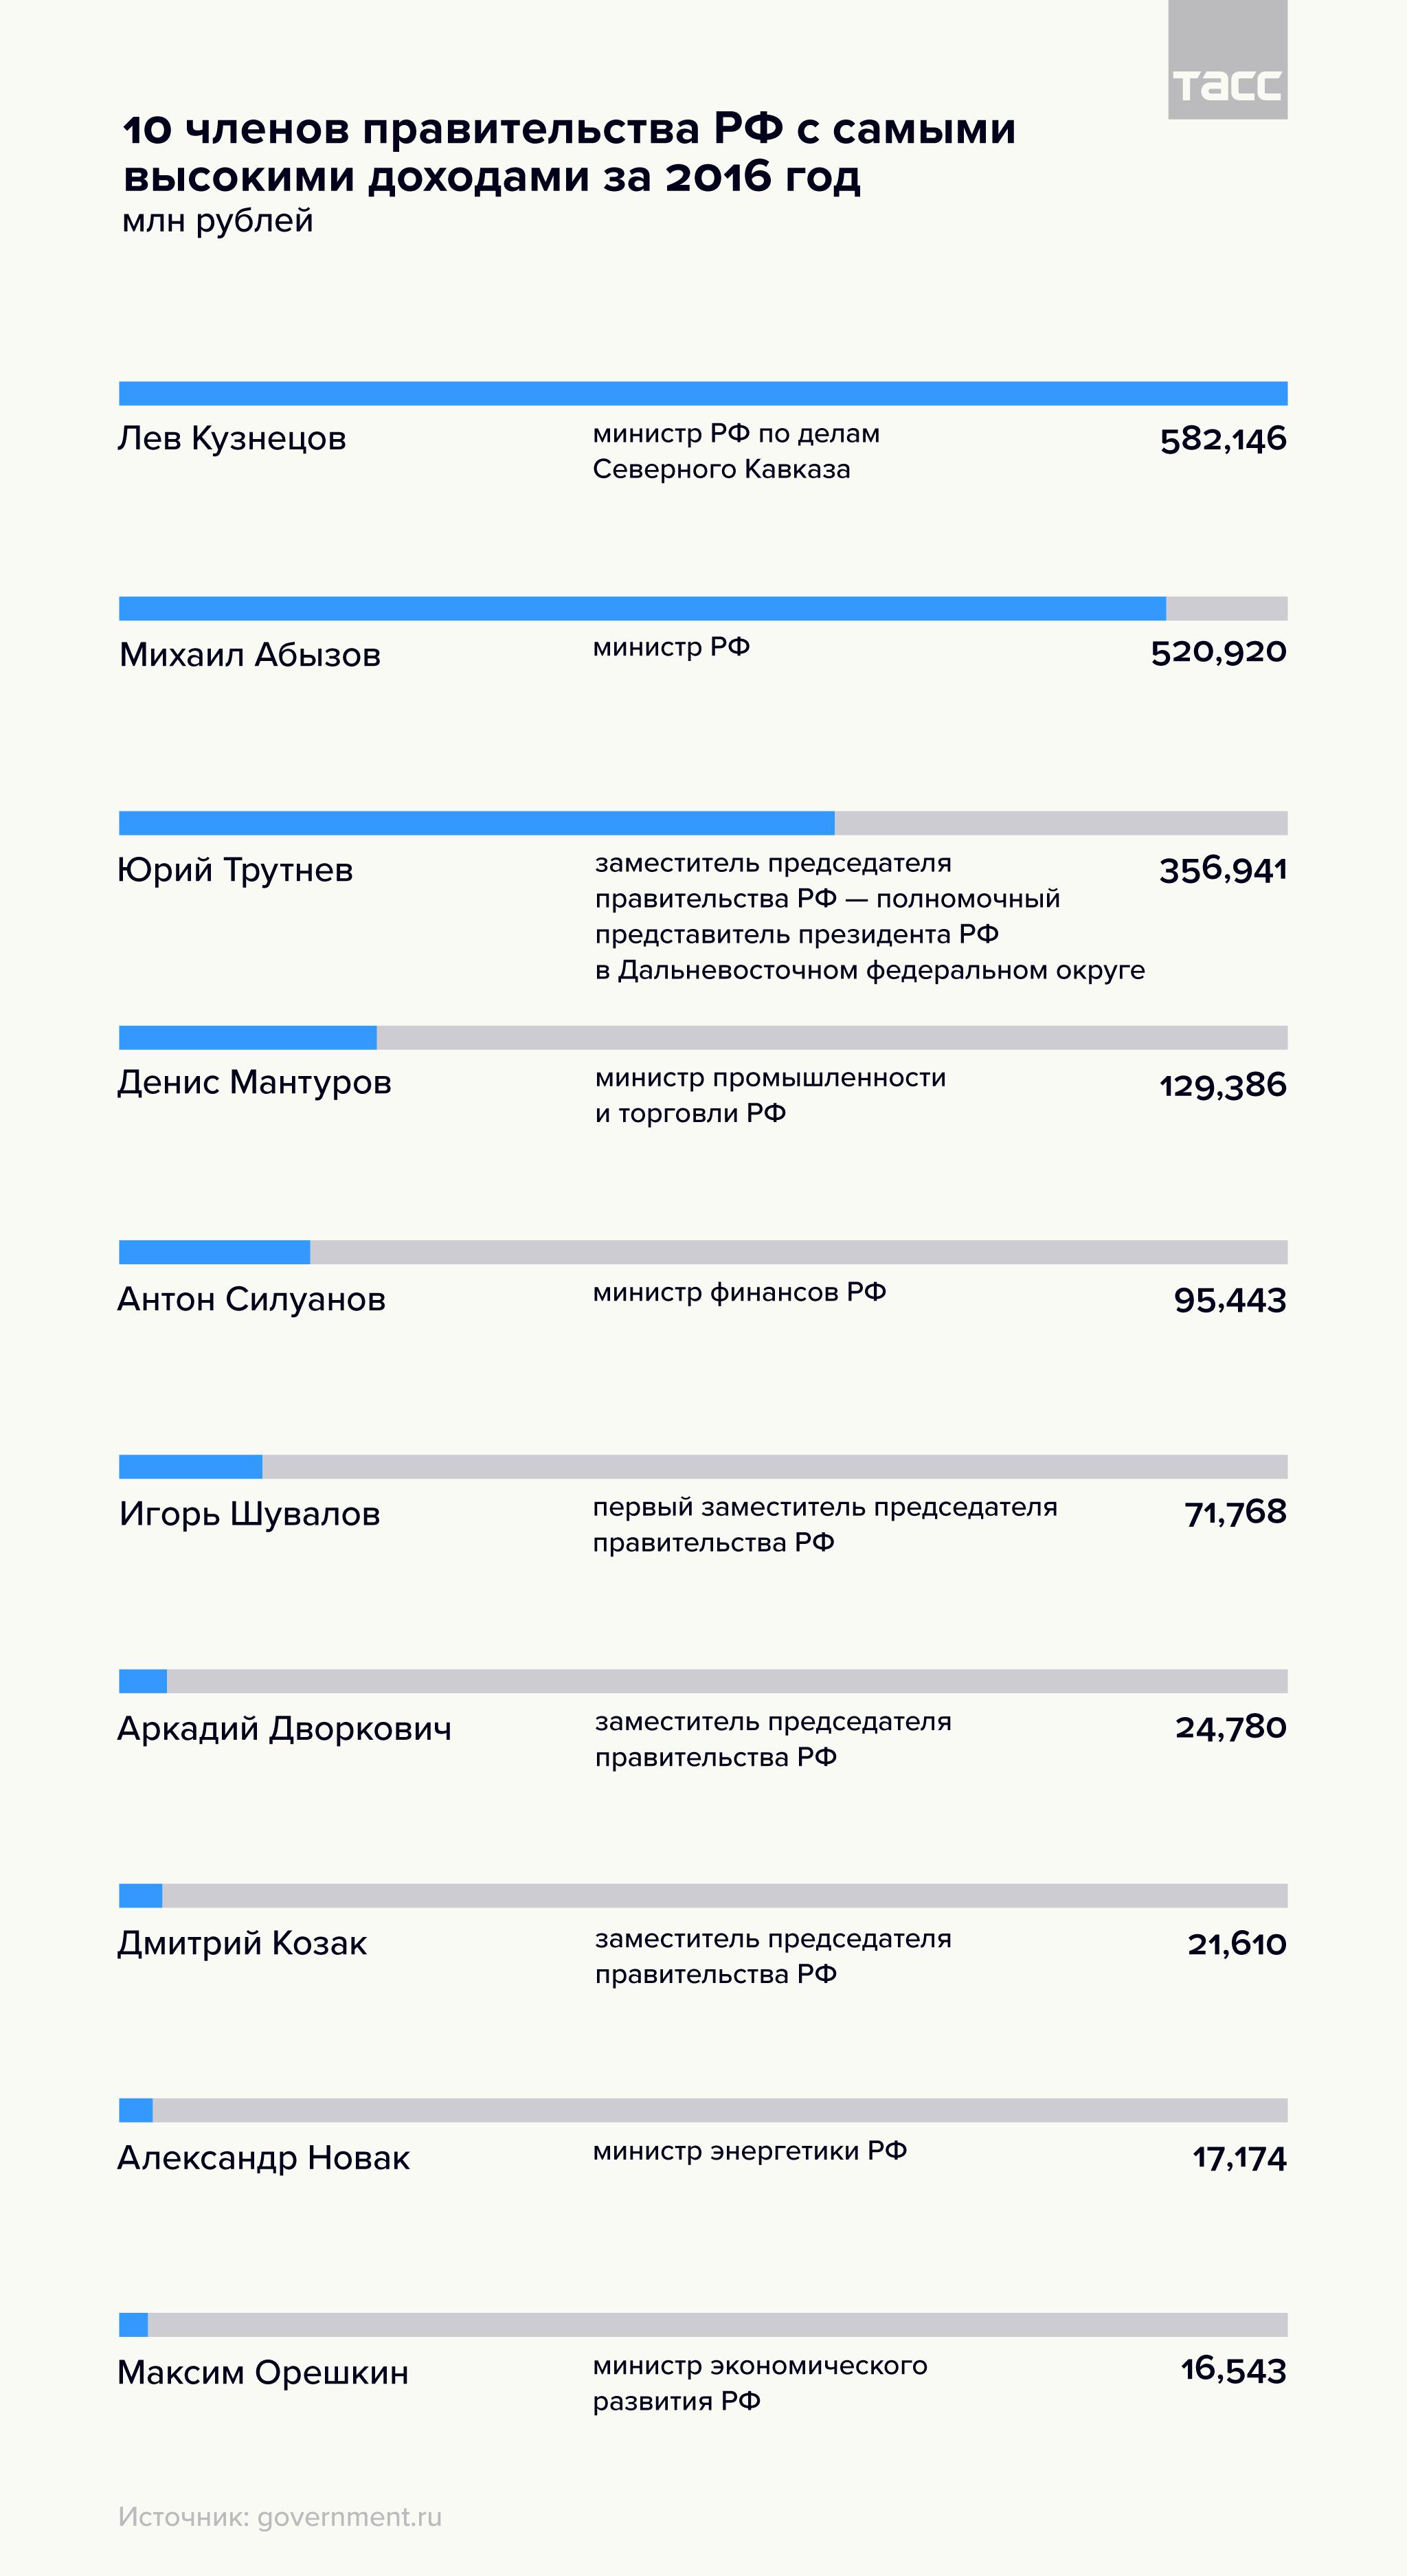 10 членов правительства РФ с самыми высокими доходами за 2016 год